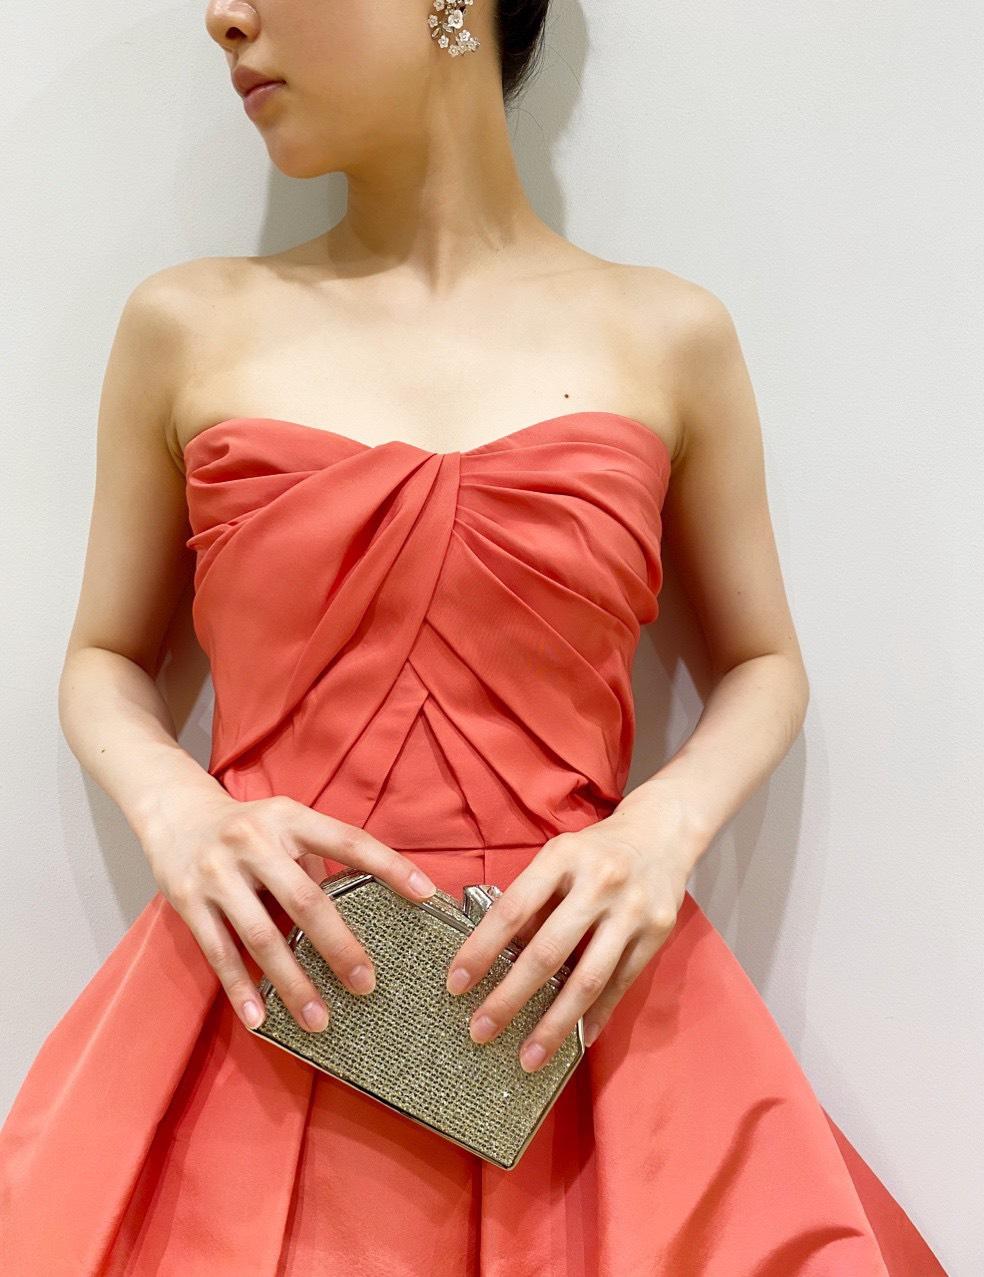 ザ・トリート・ドレッシング京都店のデコルテラインを美しく見せる胸元のギャザーが特徴的なモニーク・ルイリエのカラードレス